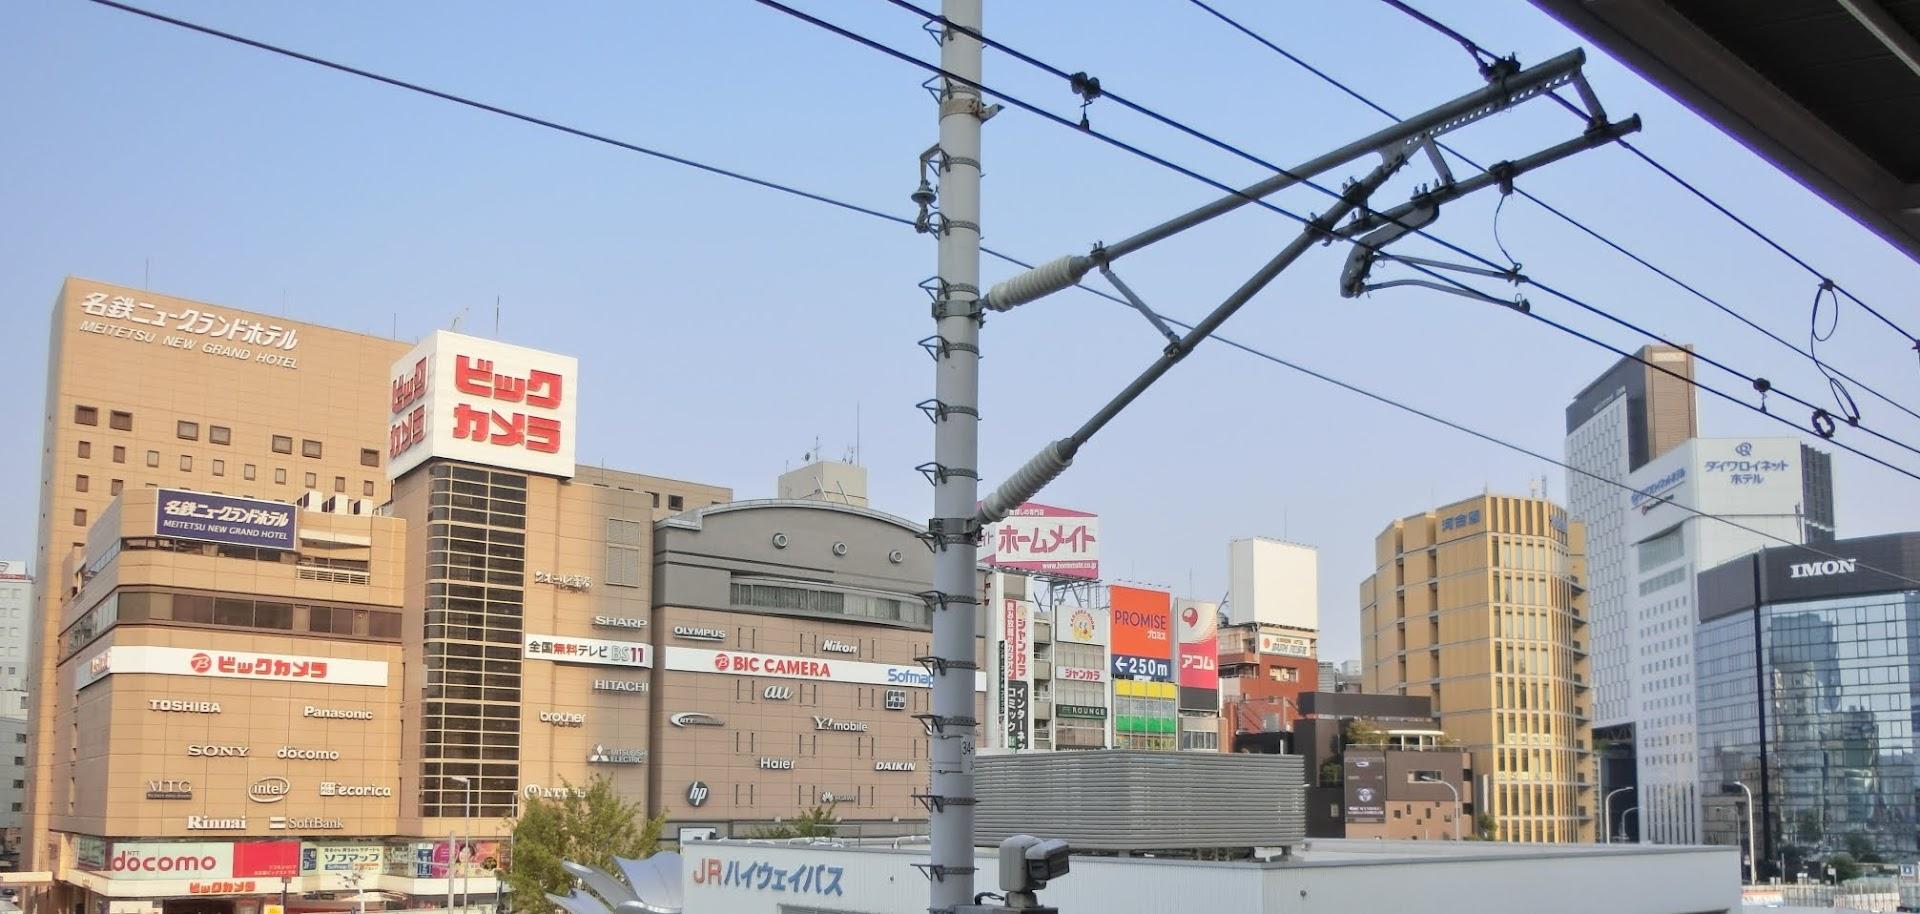 2019年6月撮影 名古屋駅新幹線大阪方面ホームから撮影